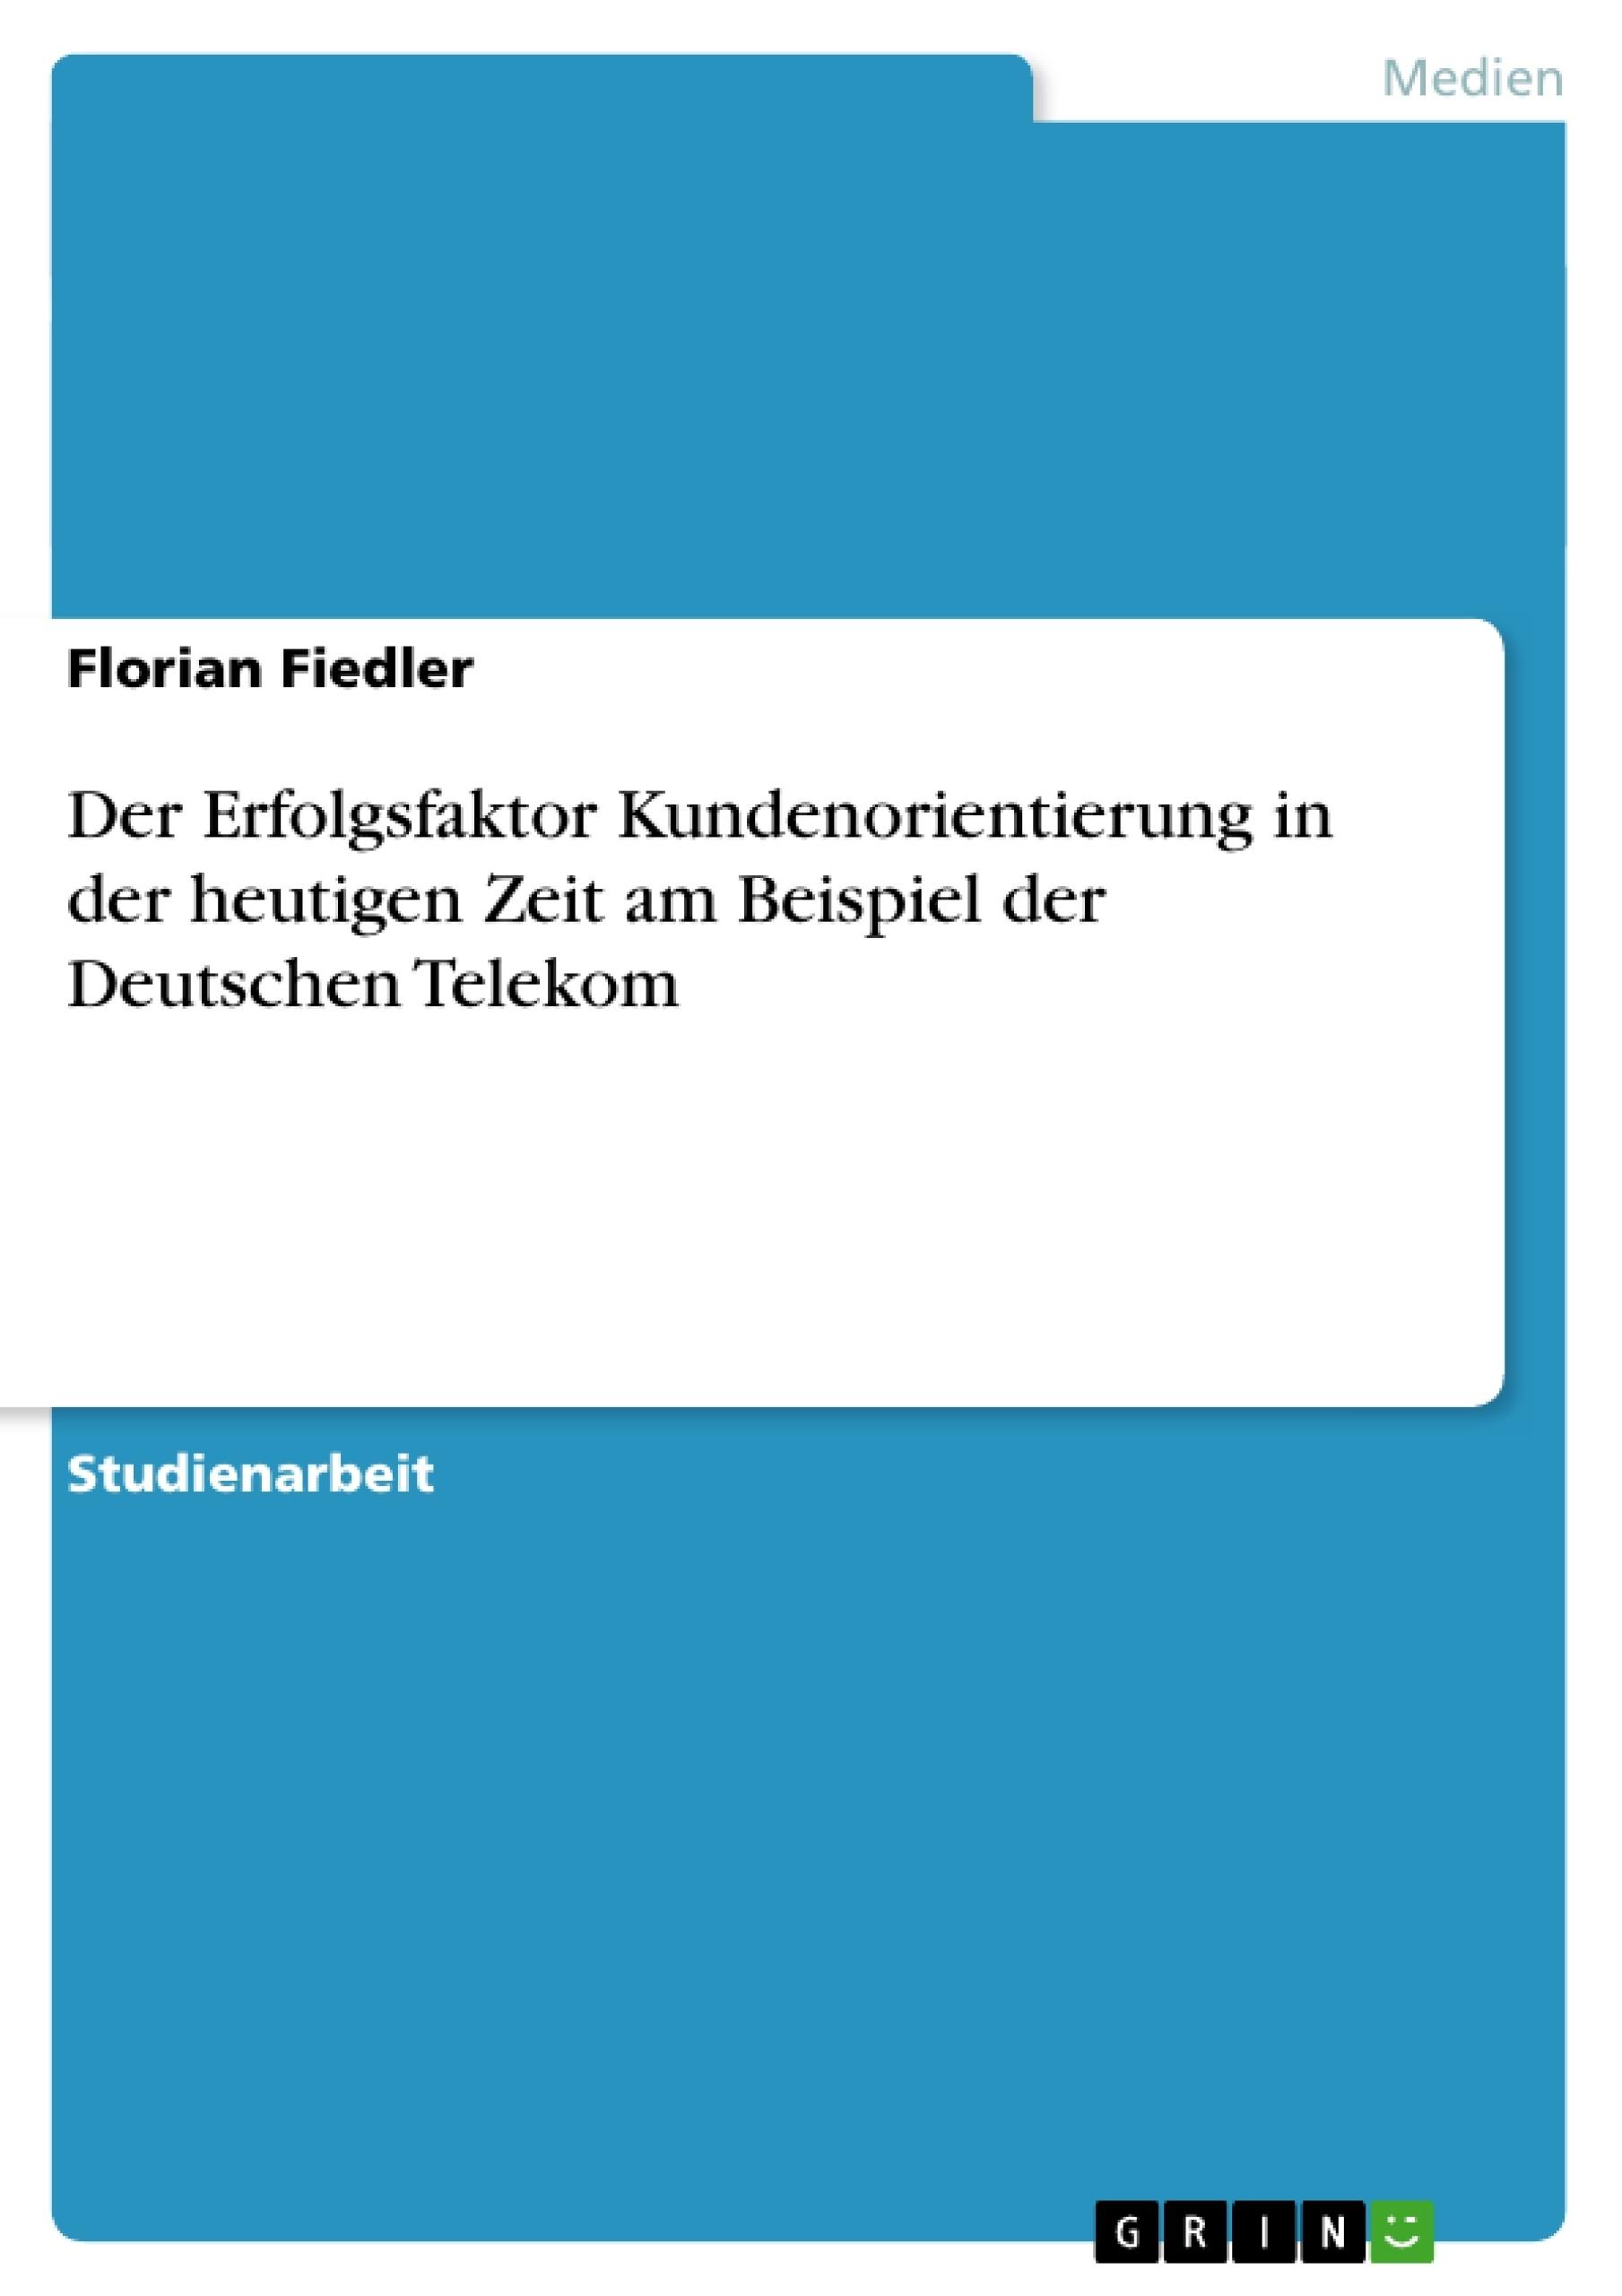 Titel: Der Erfolgsfaktor Kundenorientierung in der heutigen Zeit am Beispiel der Deutschen Telekom